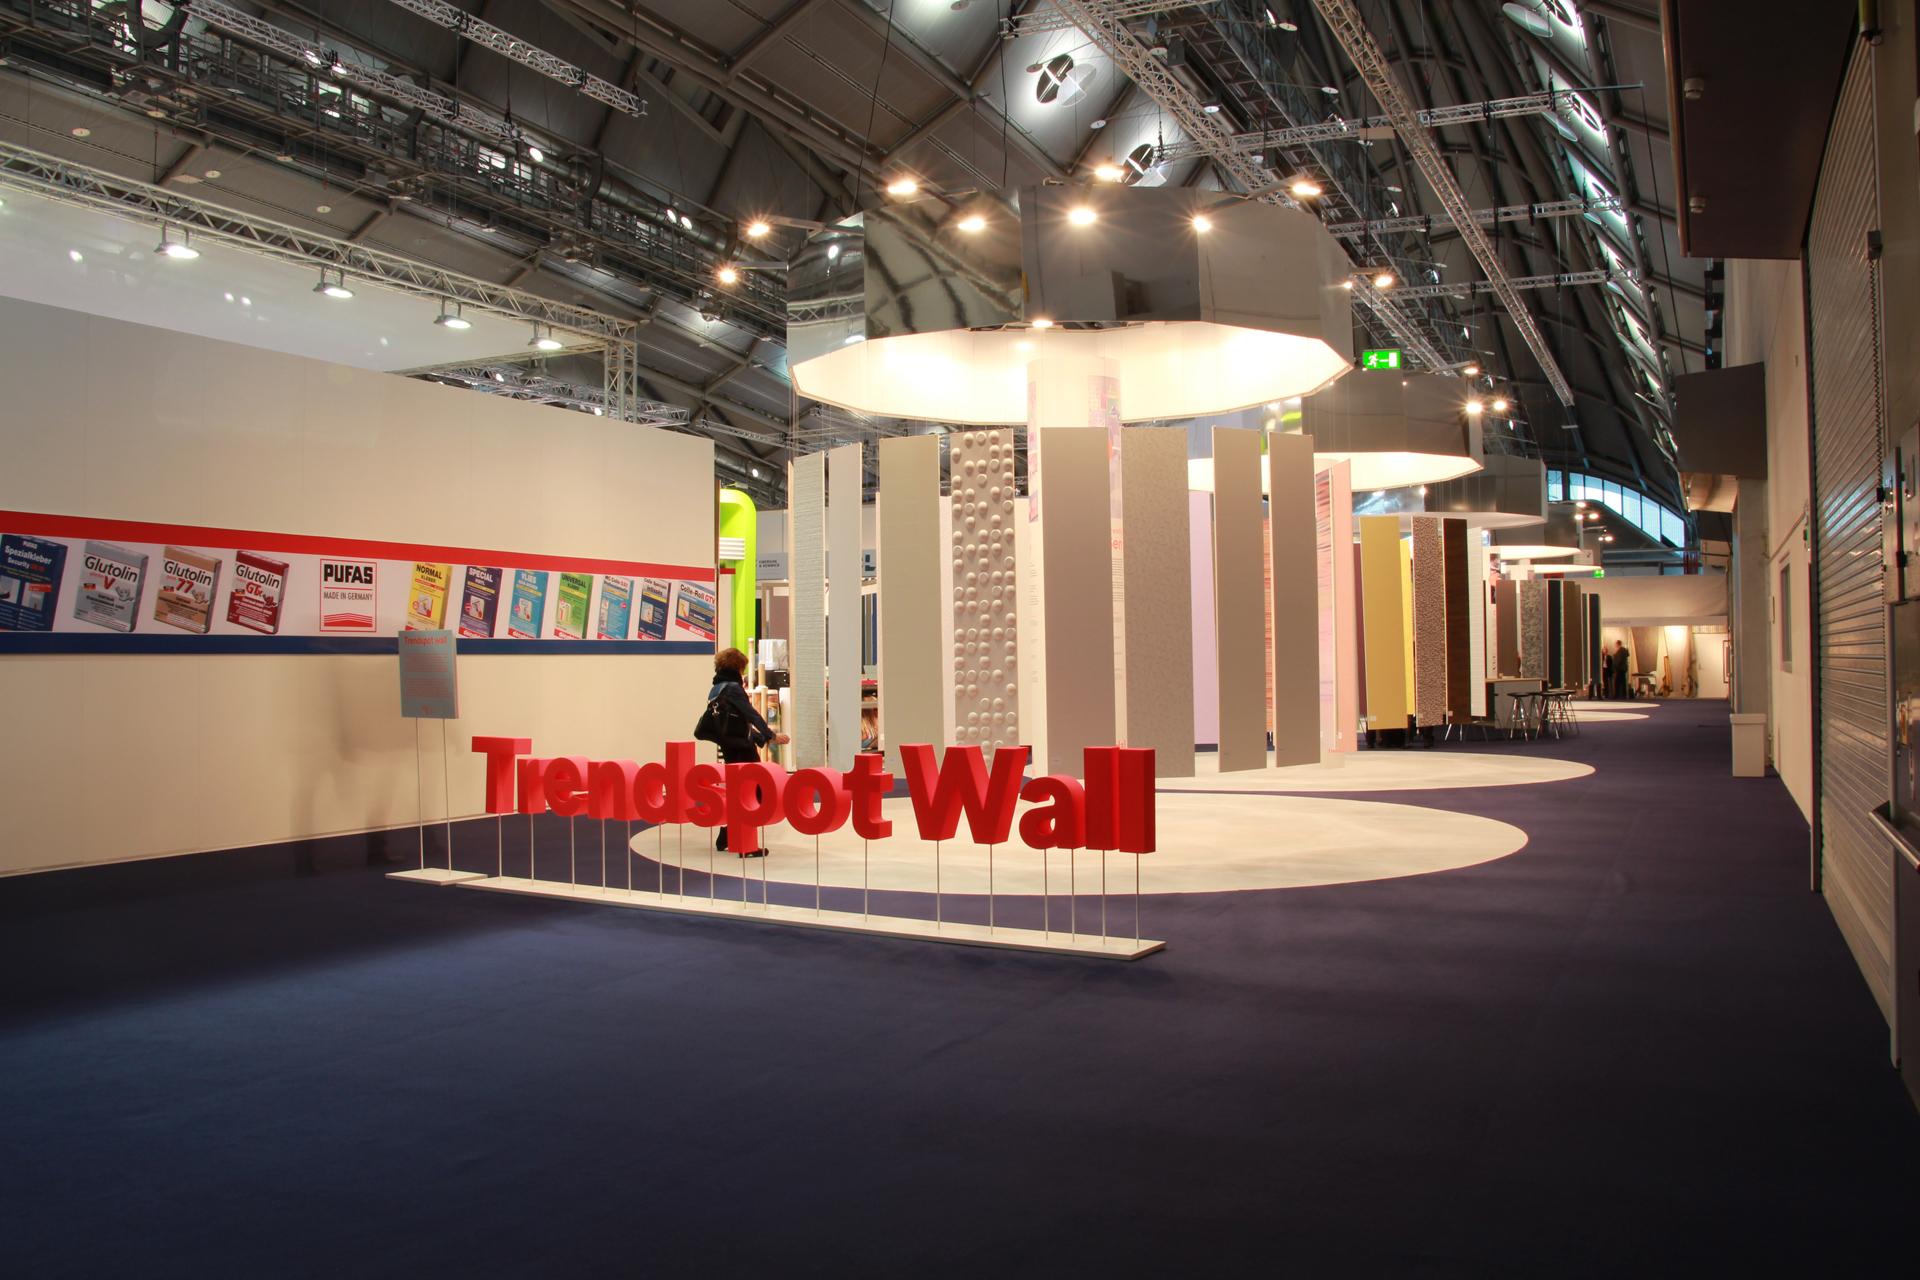 Heimtextil Messe 2015   Trendspot Wall   Wandverkleidung, Wandgestaltung    AIT Trend 2015